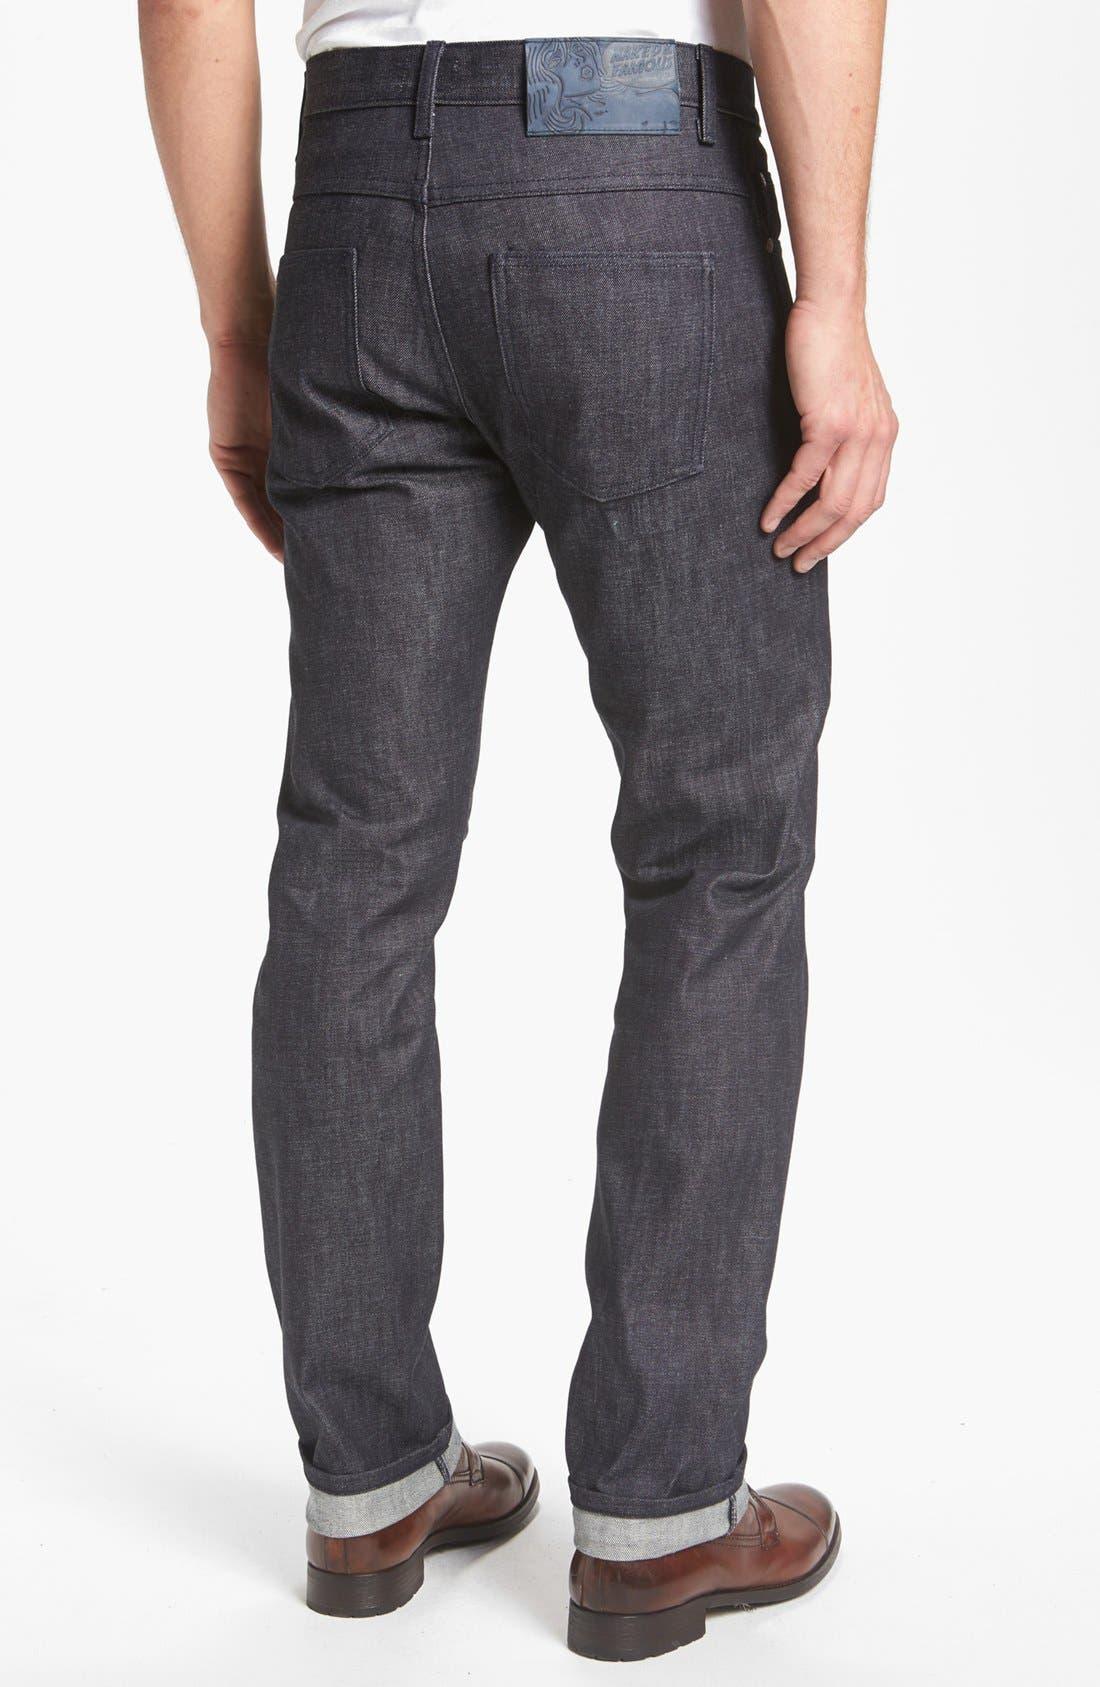 Alternate Image 1 Selected - Naked & Famous Denim 'Slim Guy' Straight Leg Raw Jeans (Natural Denim) (Online Only)